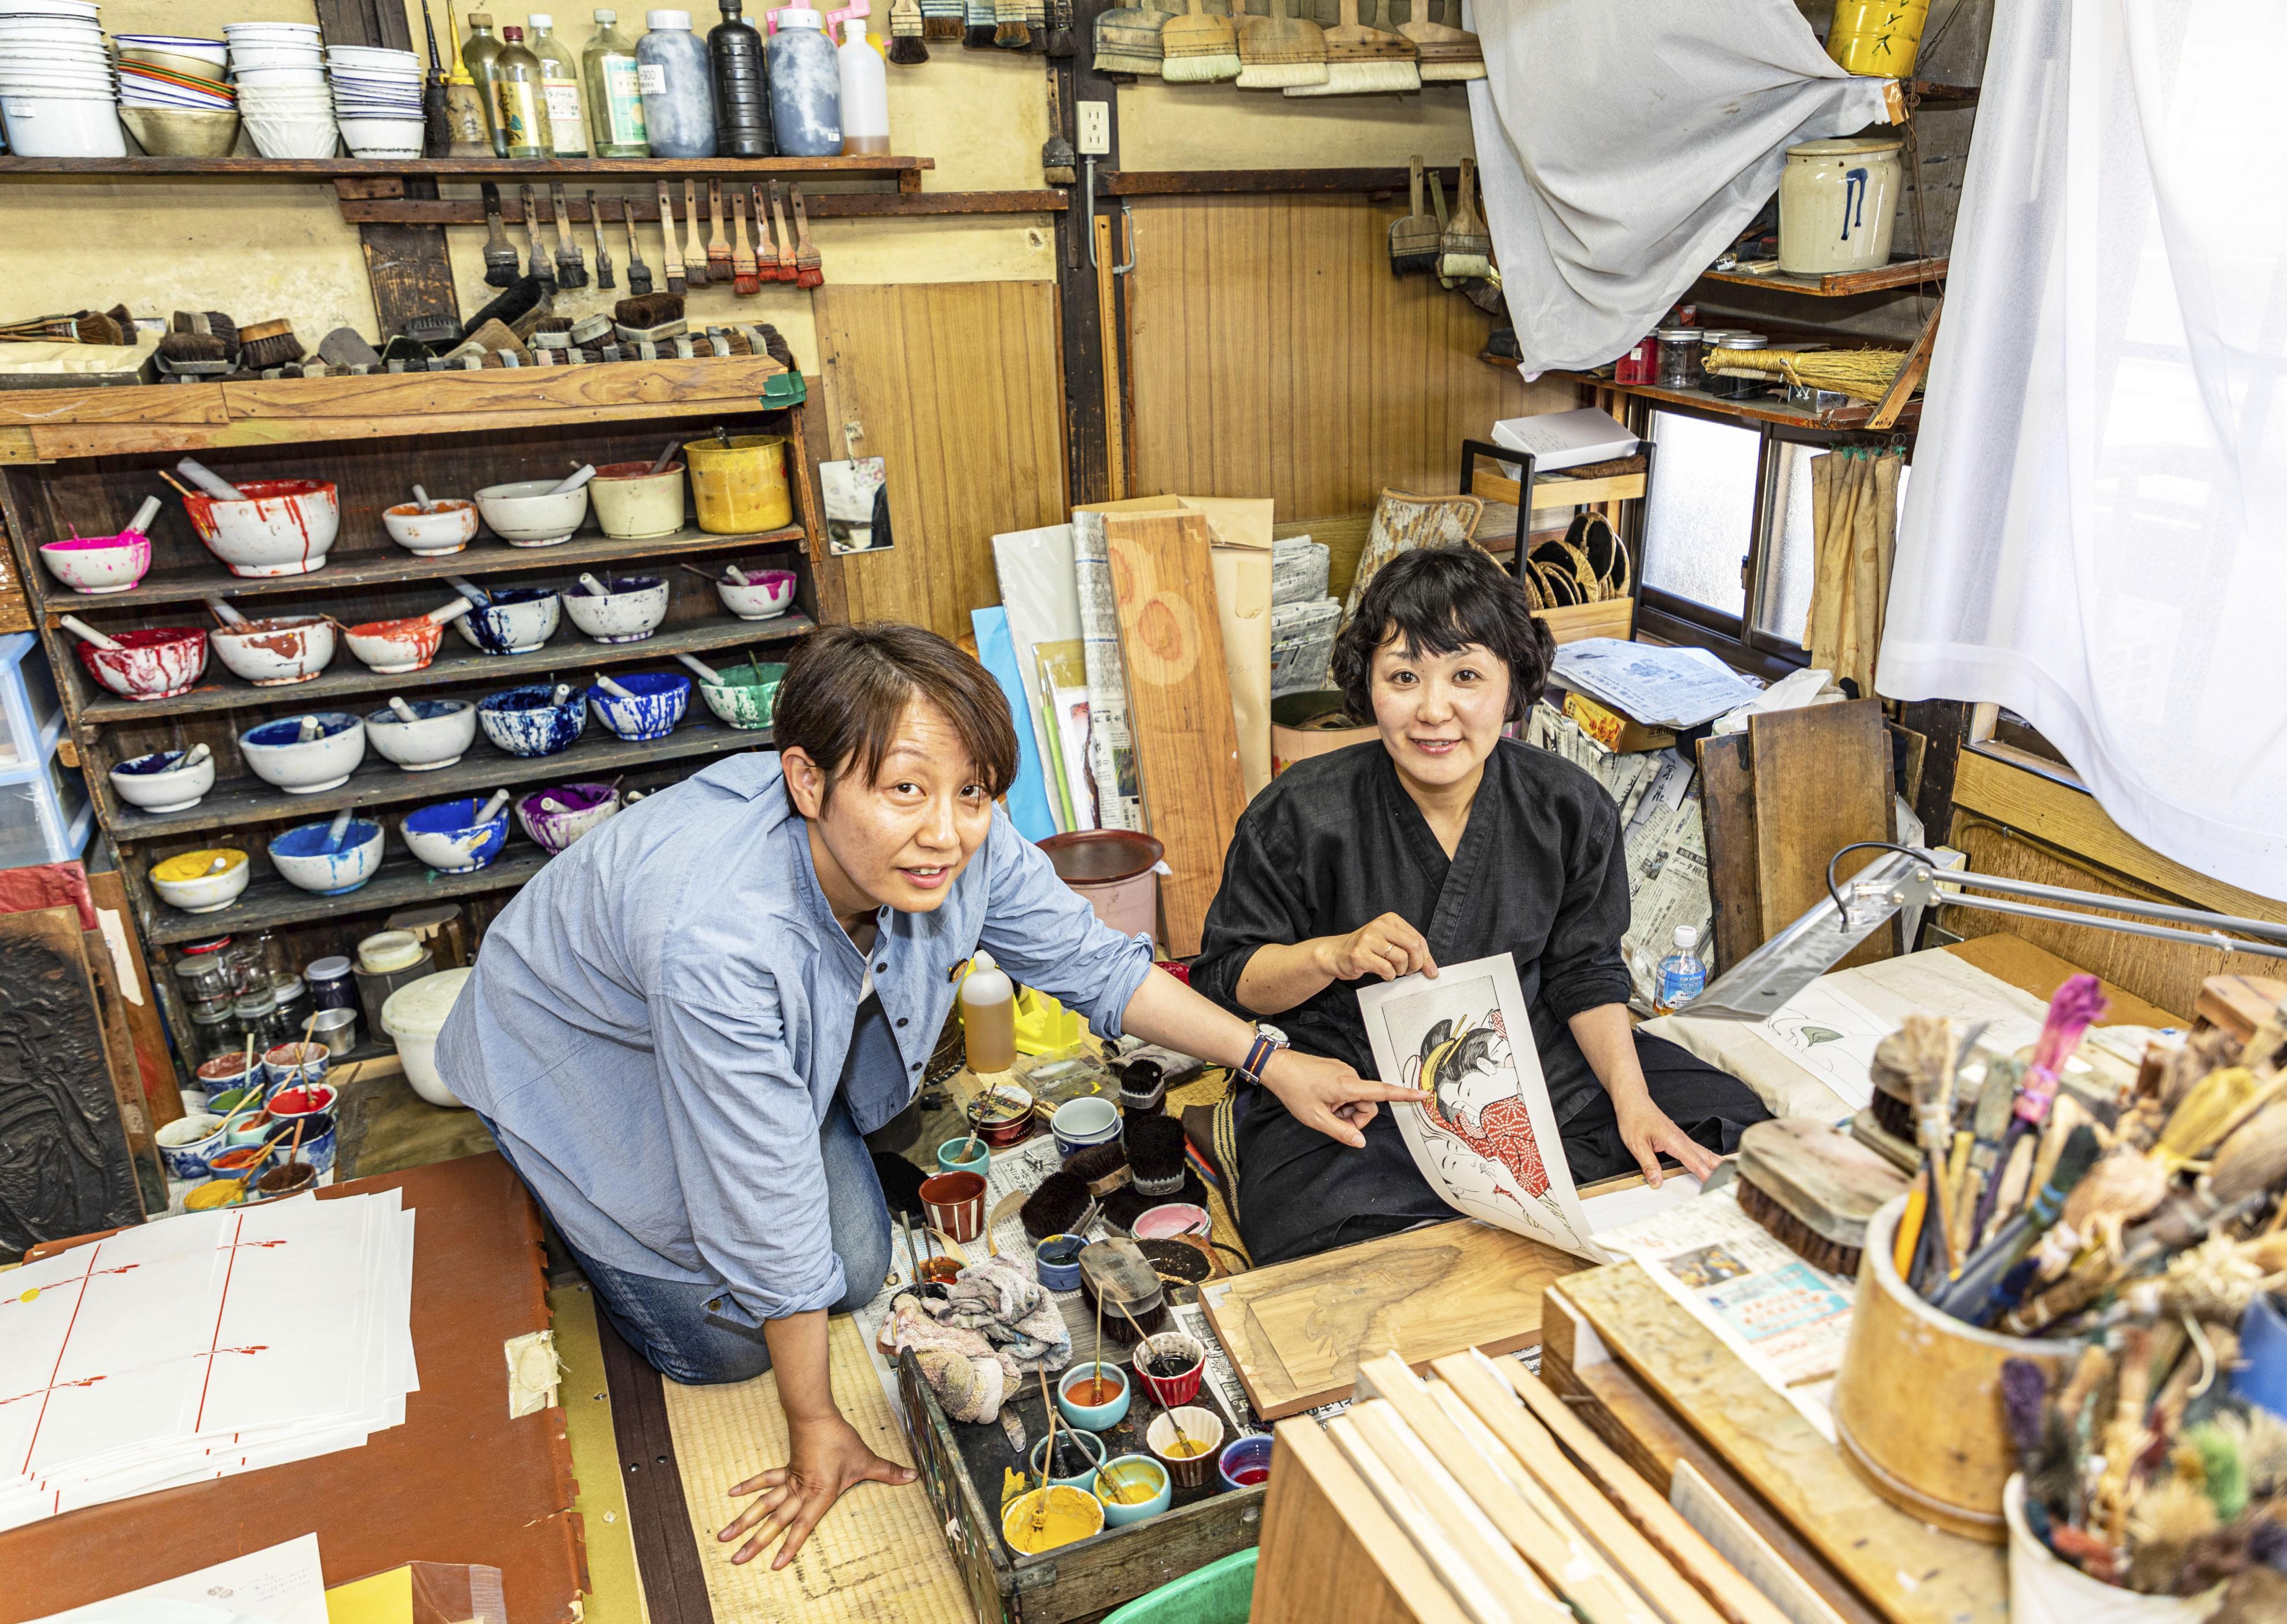 京都市東山区の工房で、「お嬢さんと手代」を摺り上げた平井恭子(右)と石上亜希